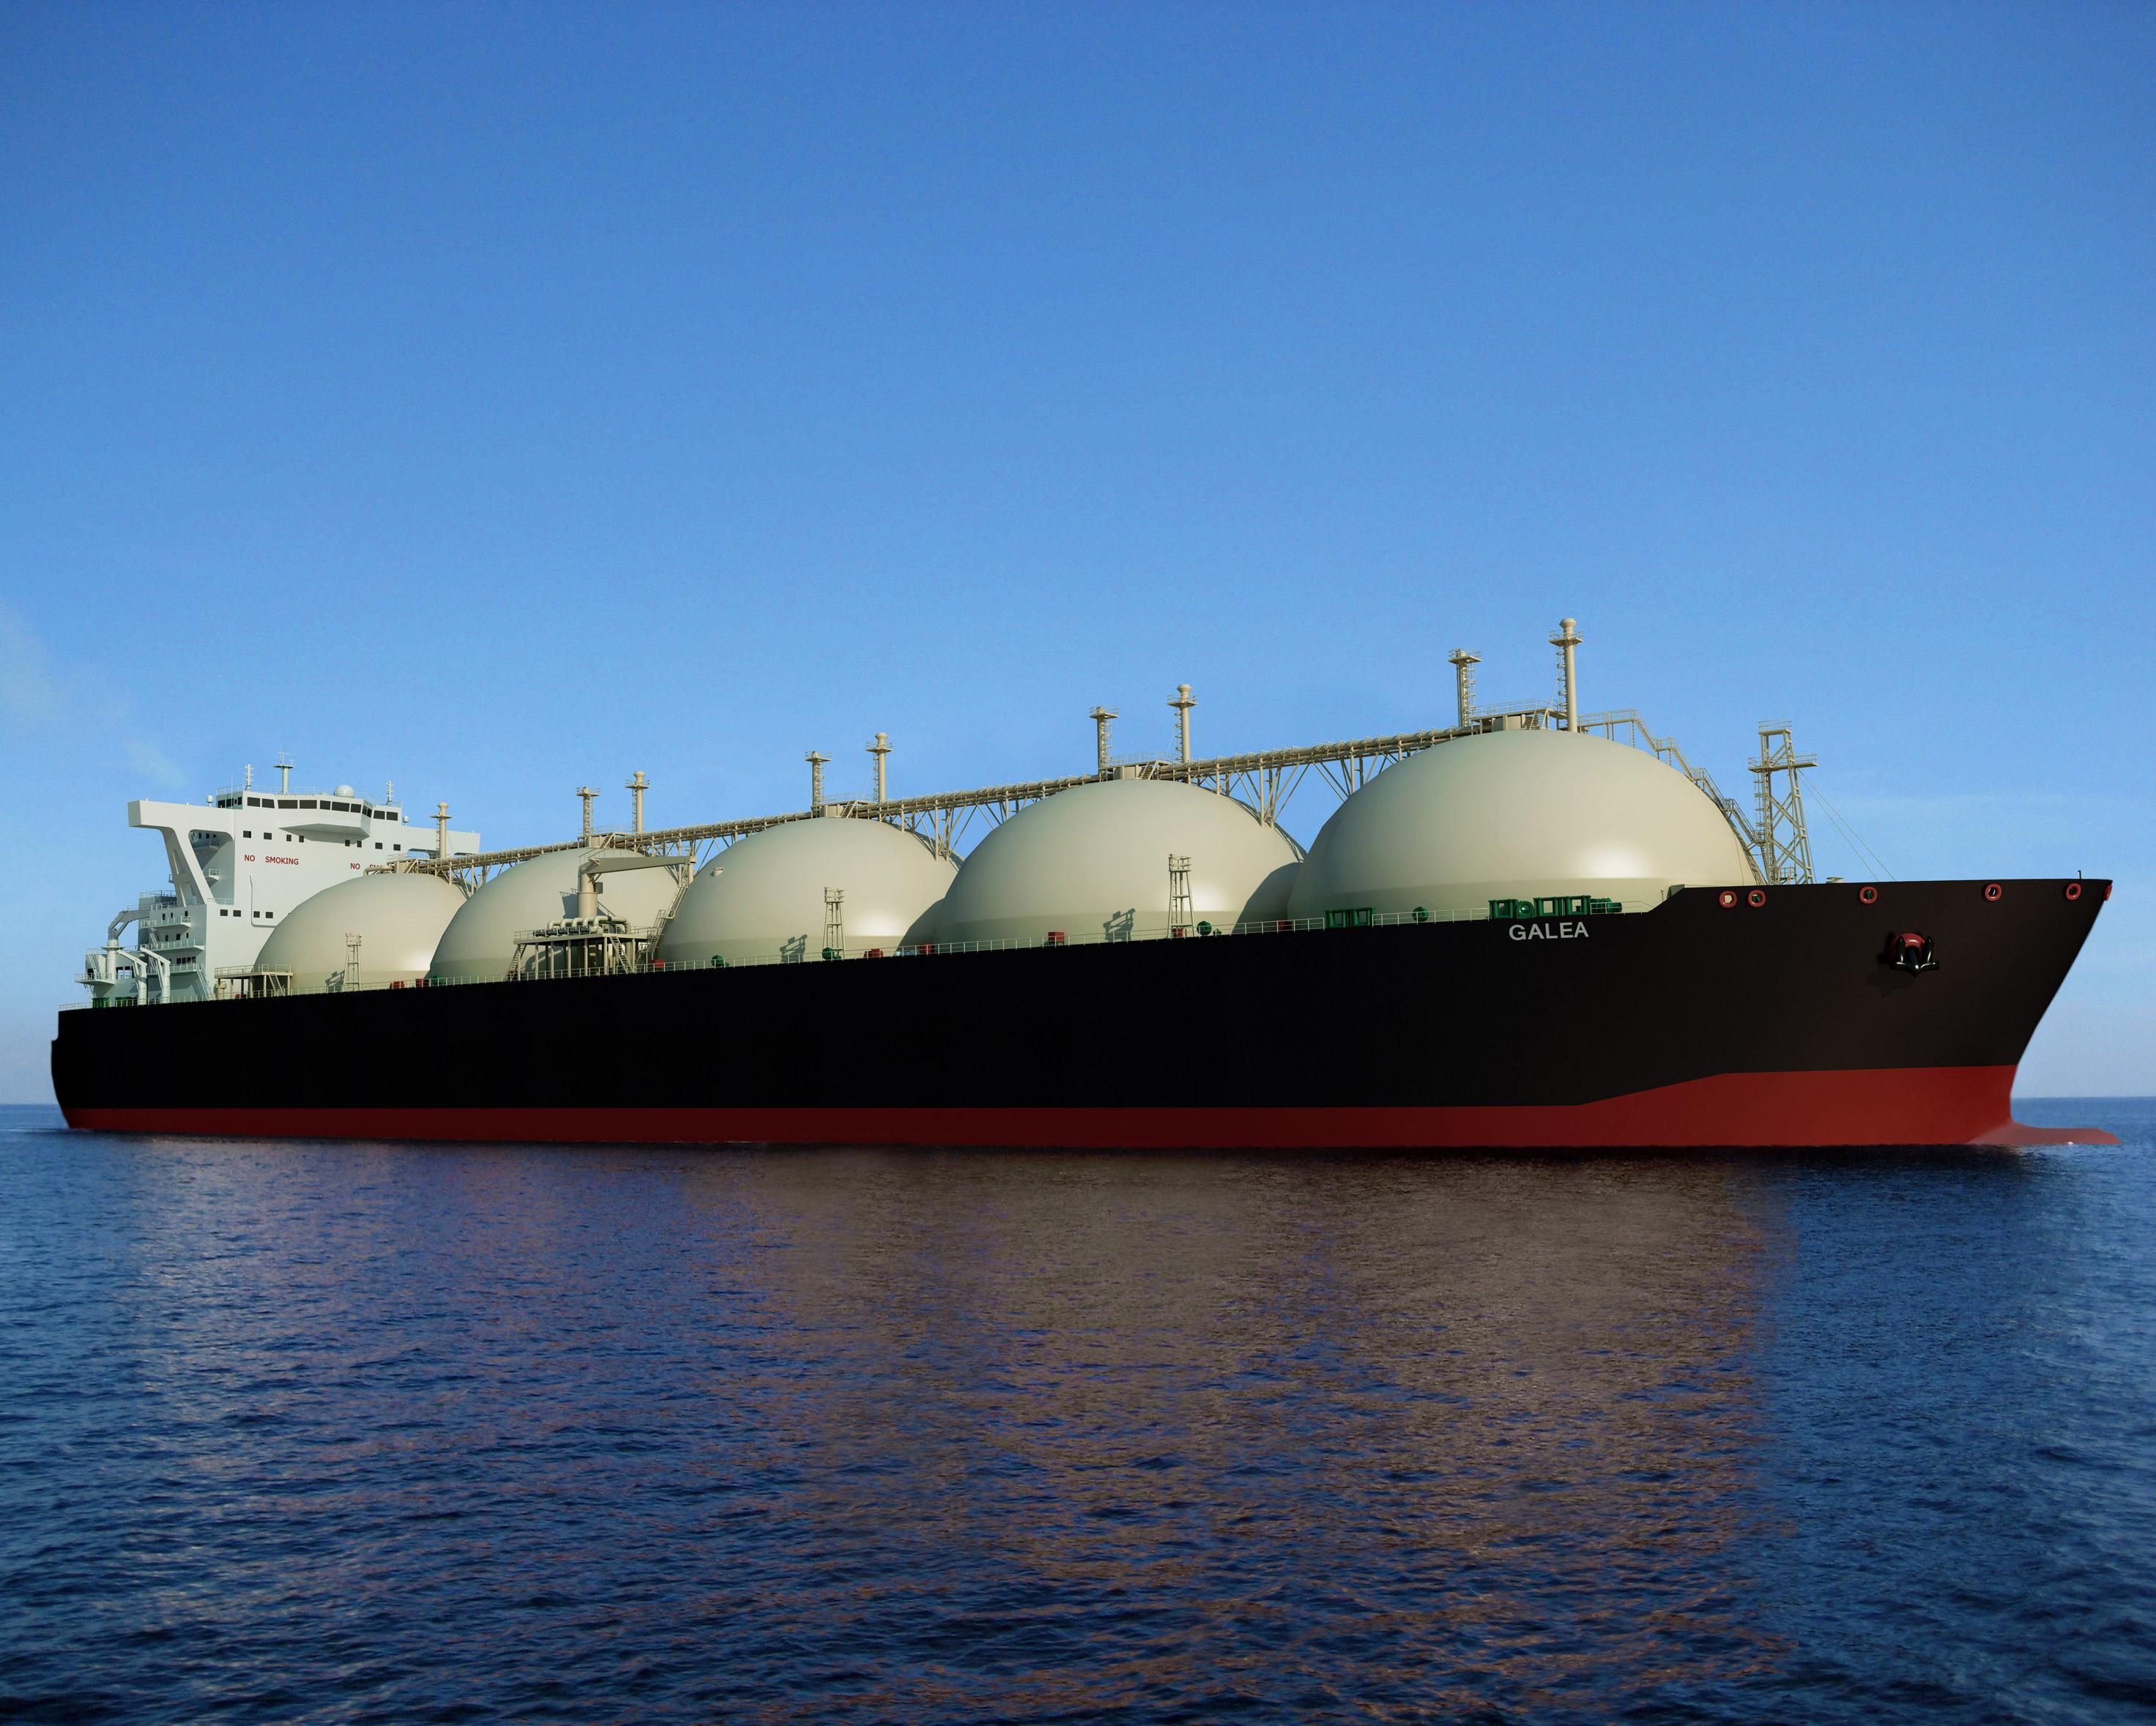 танкер газовоз картинки времени появления